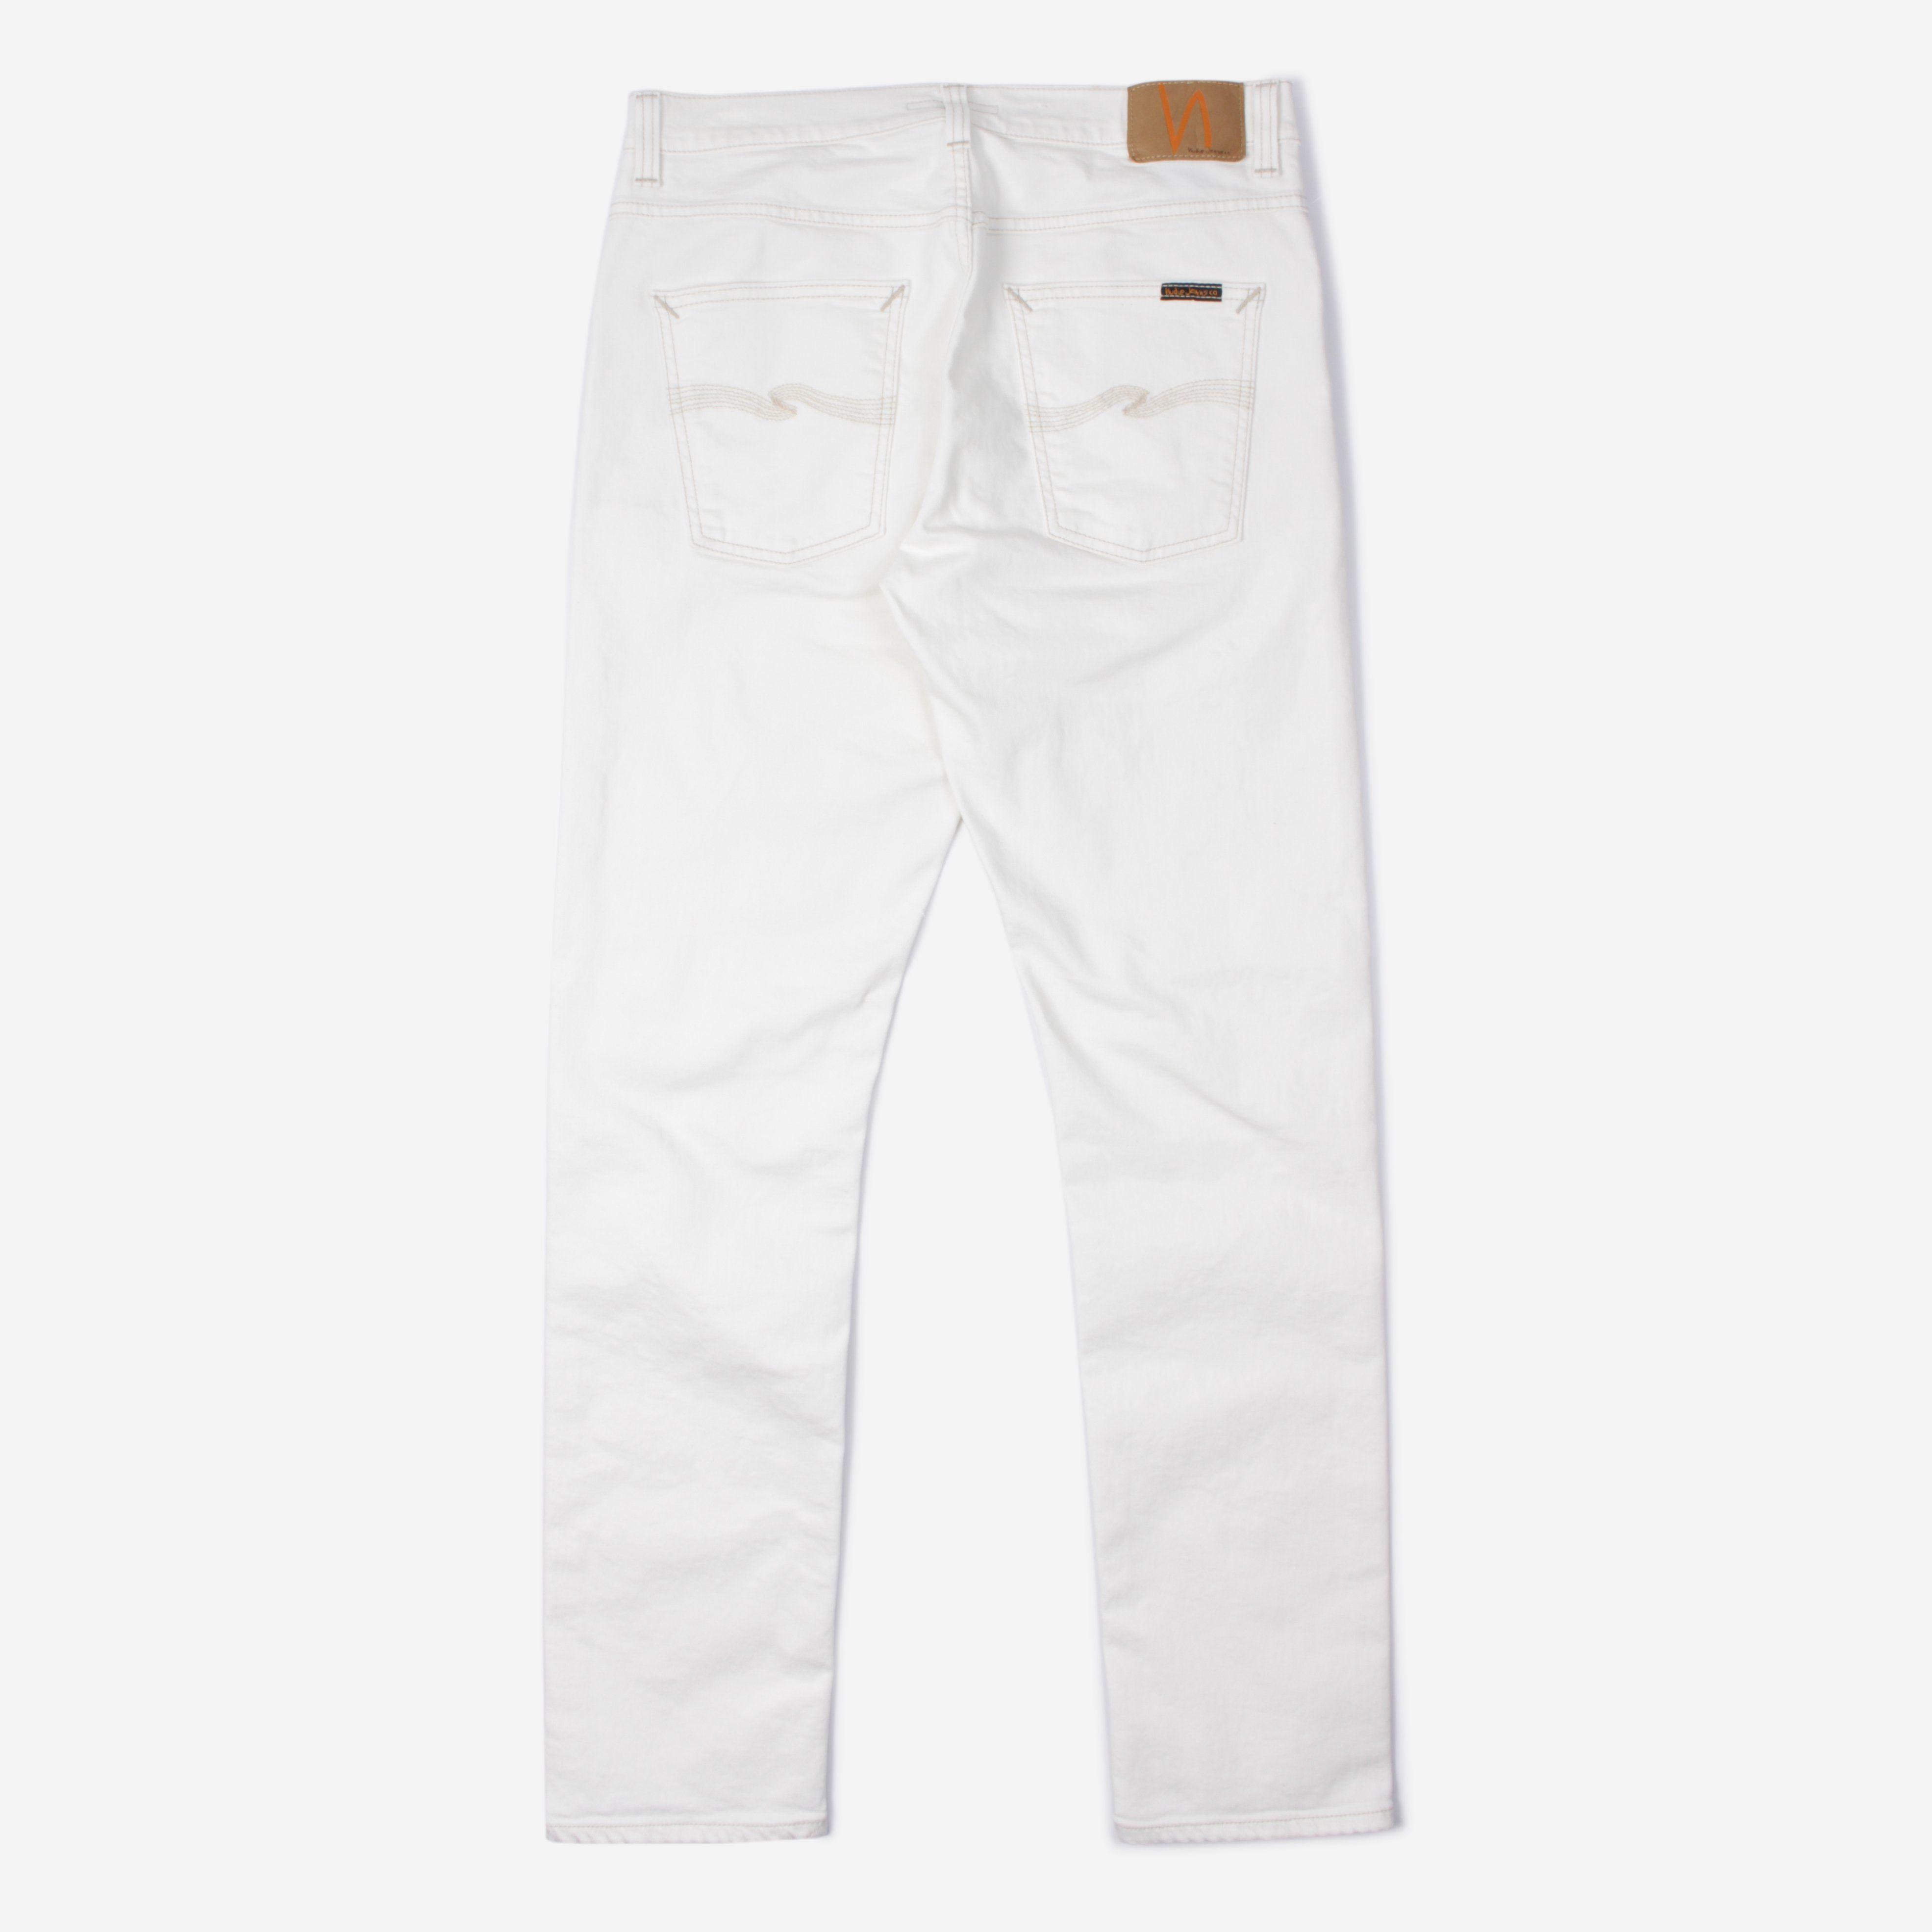 Nudie Jeans Co. 112905 LEAN DEAN